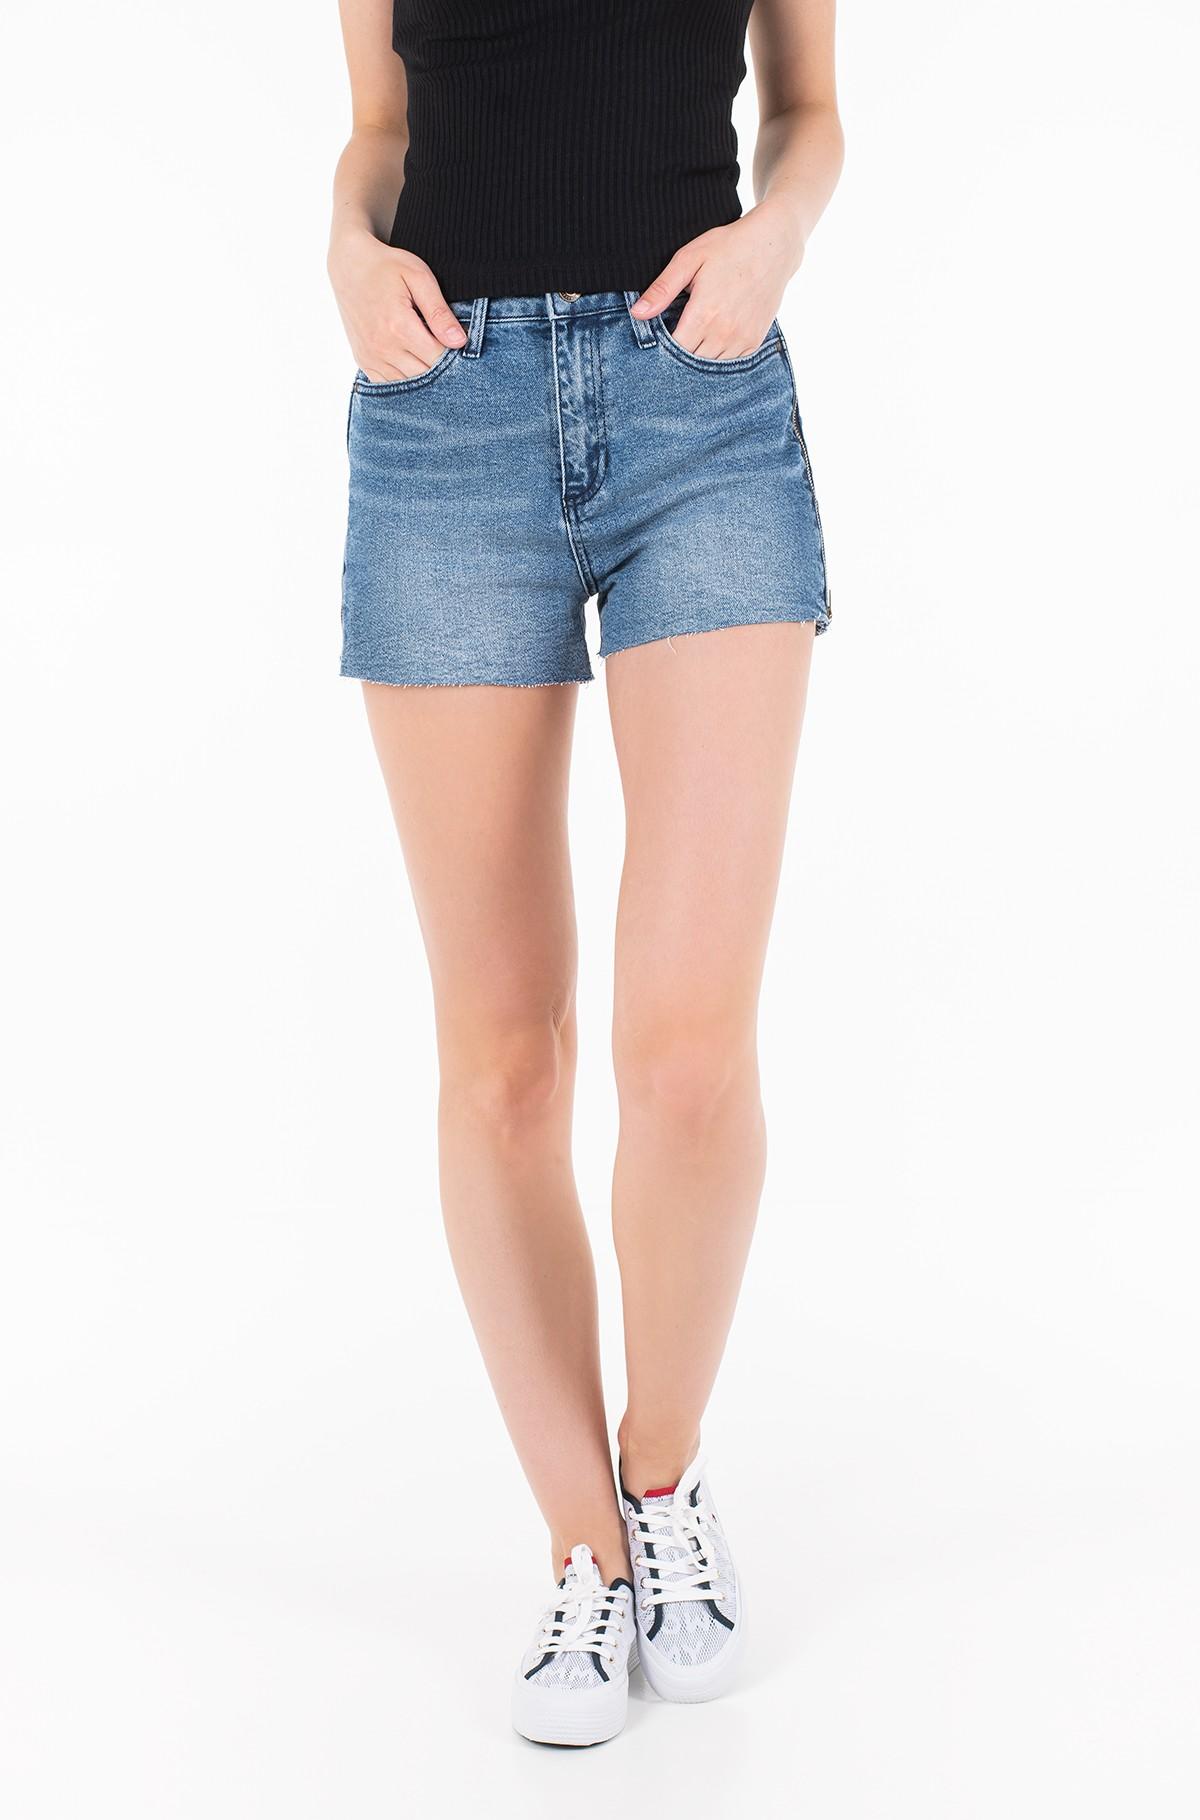 Lühikesed teksapüksid W91D26 D3EA2-full-1